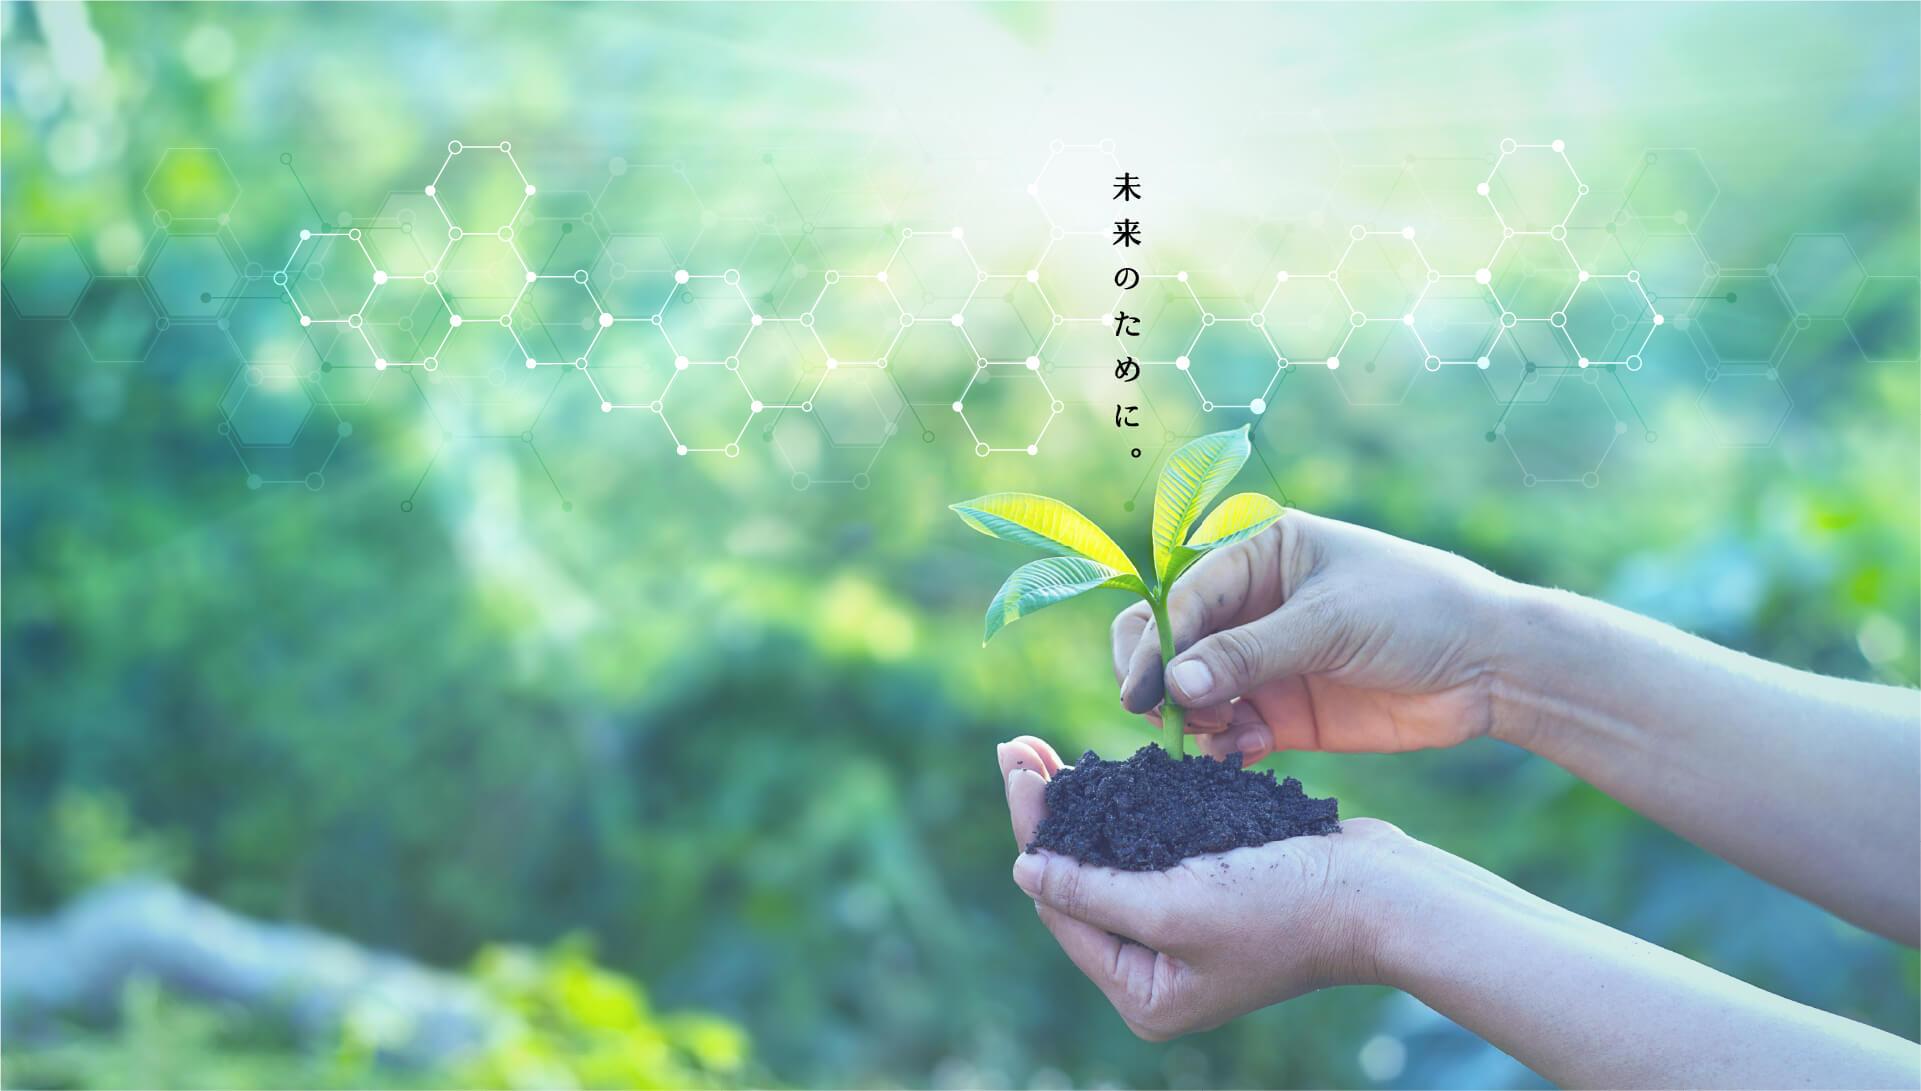 株式会社アグリマートは、殺虫剤や防蟻工法の開発・研究・販売を通し、安全・快適な暮らしに貢献します。